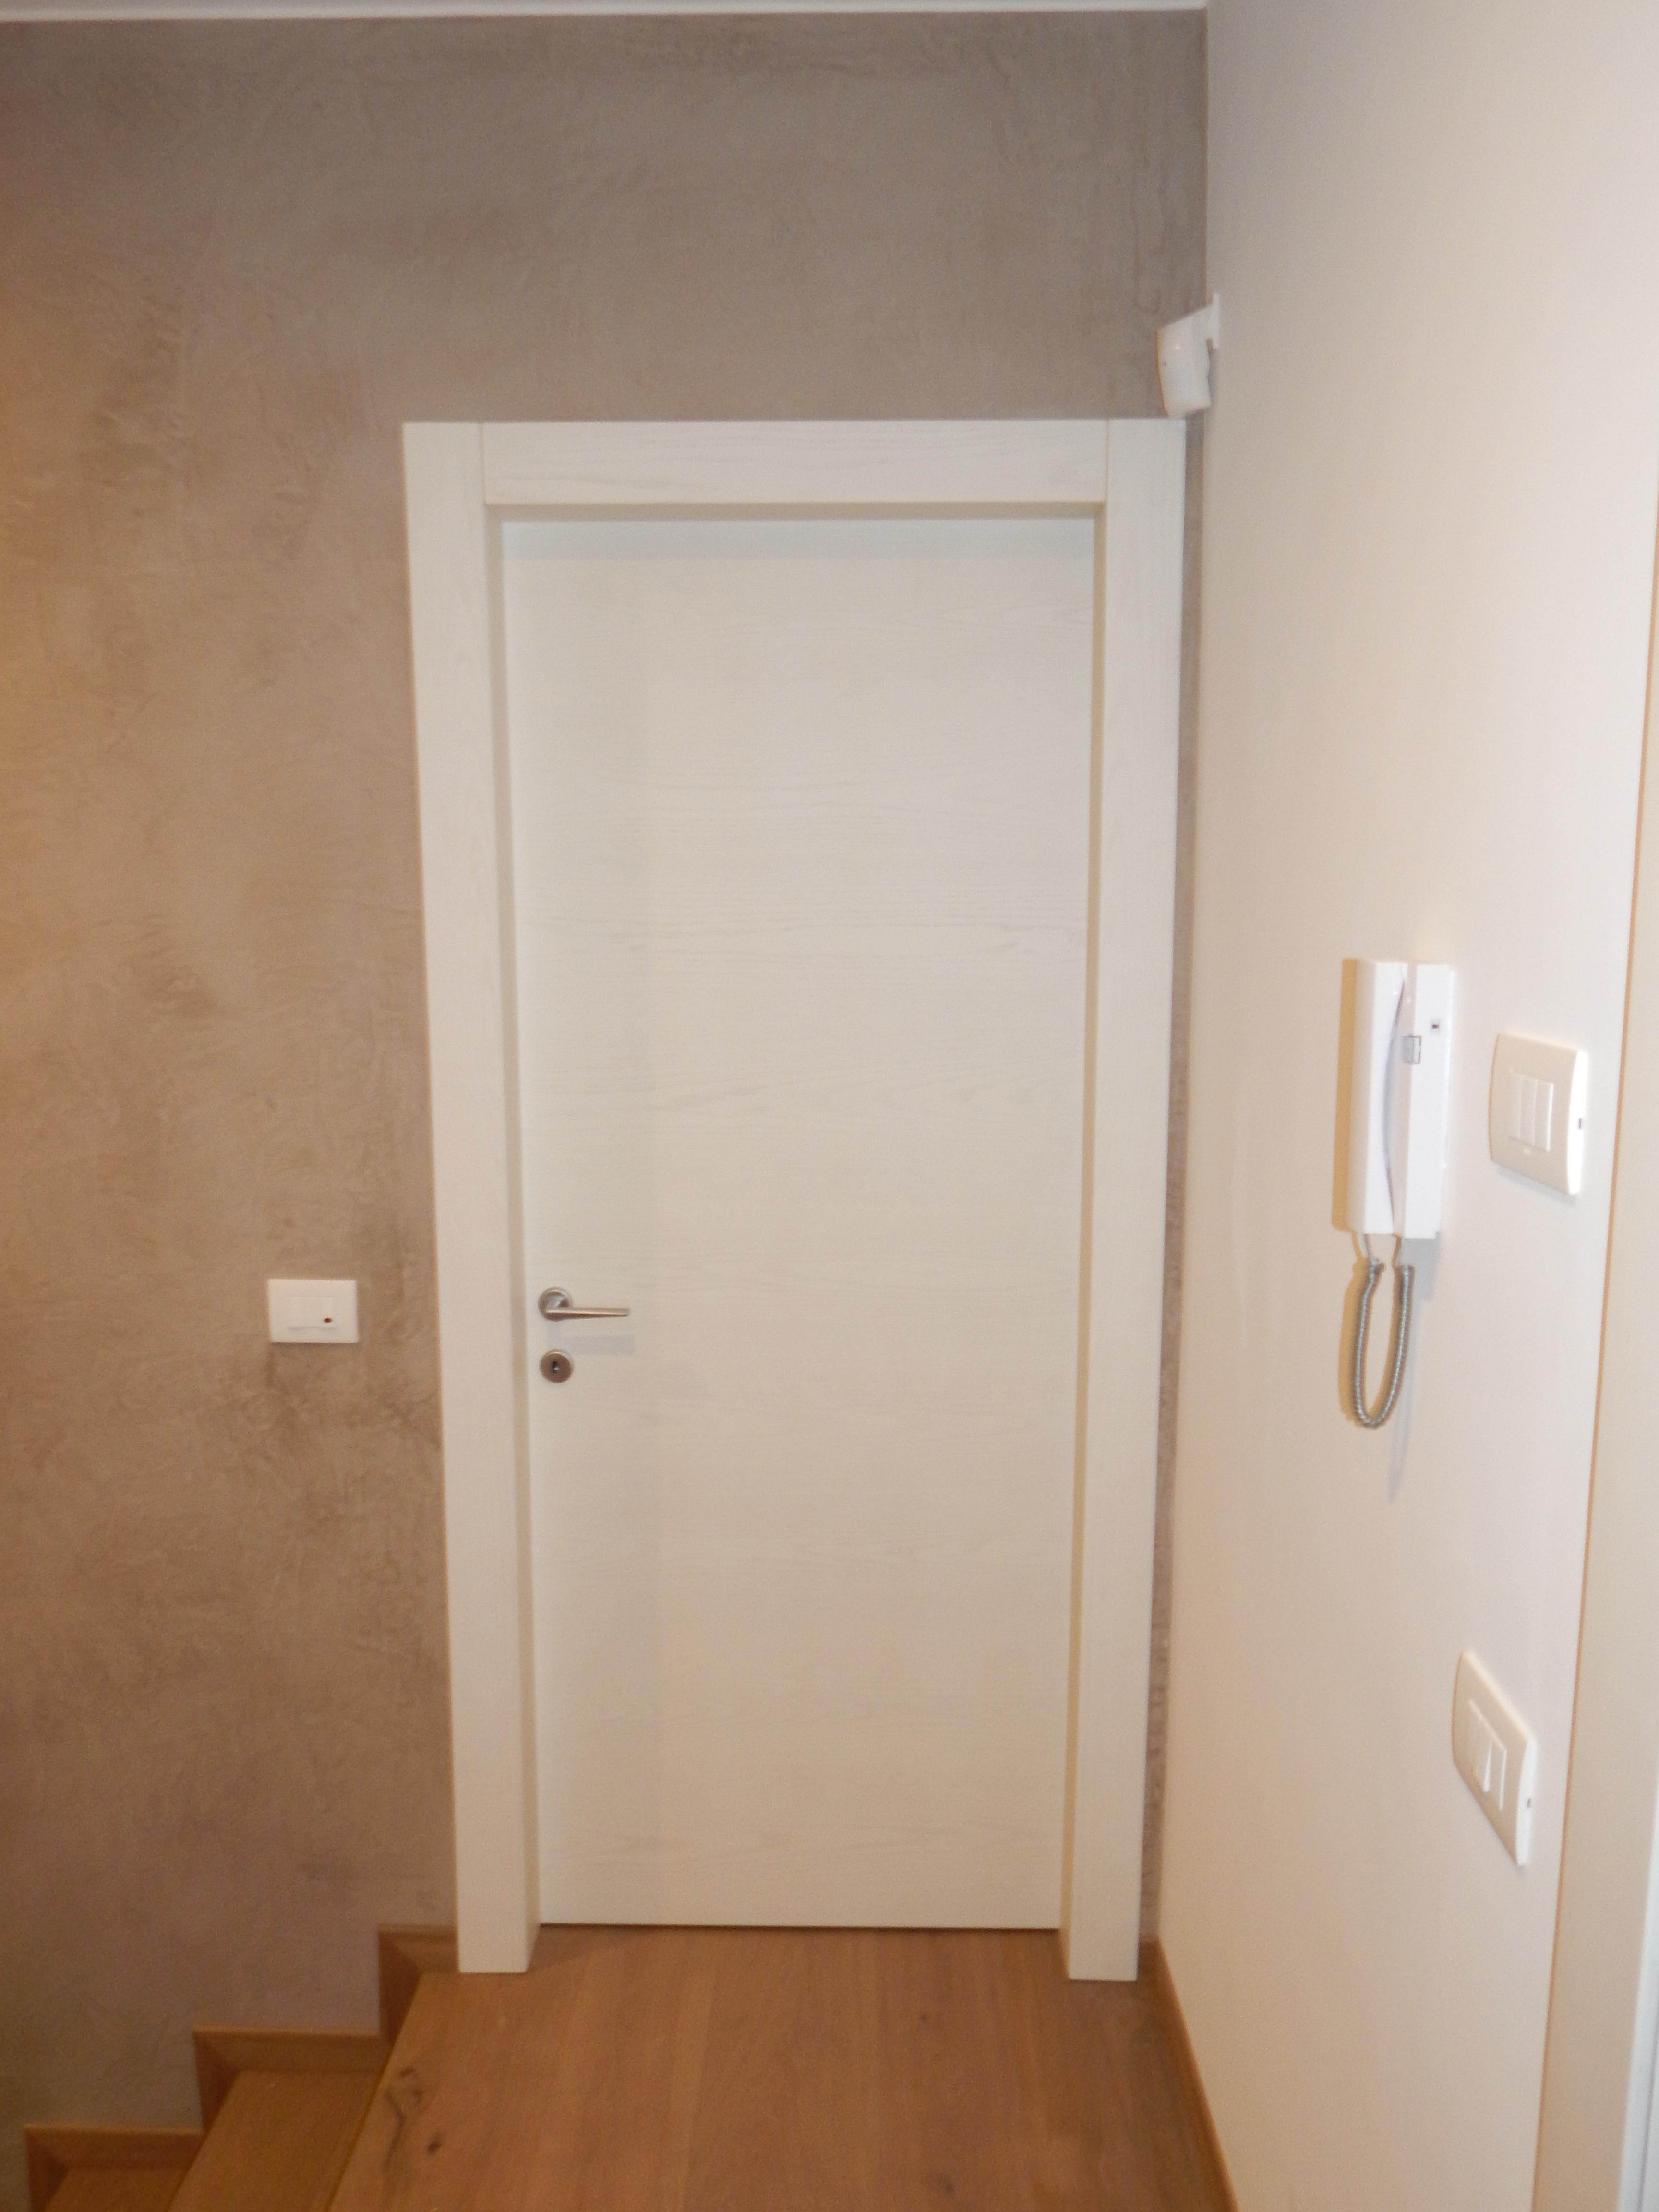 Porta liscia mod r frassino country padova realizzazione porte finestre portoncini d - Finestre in frassino ...